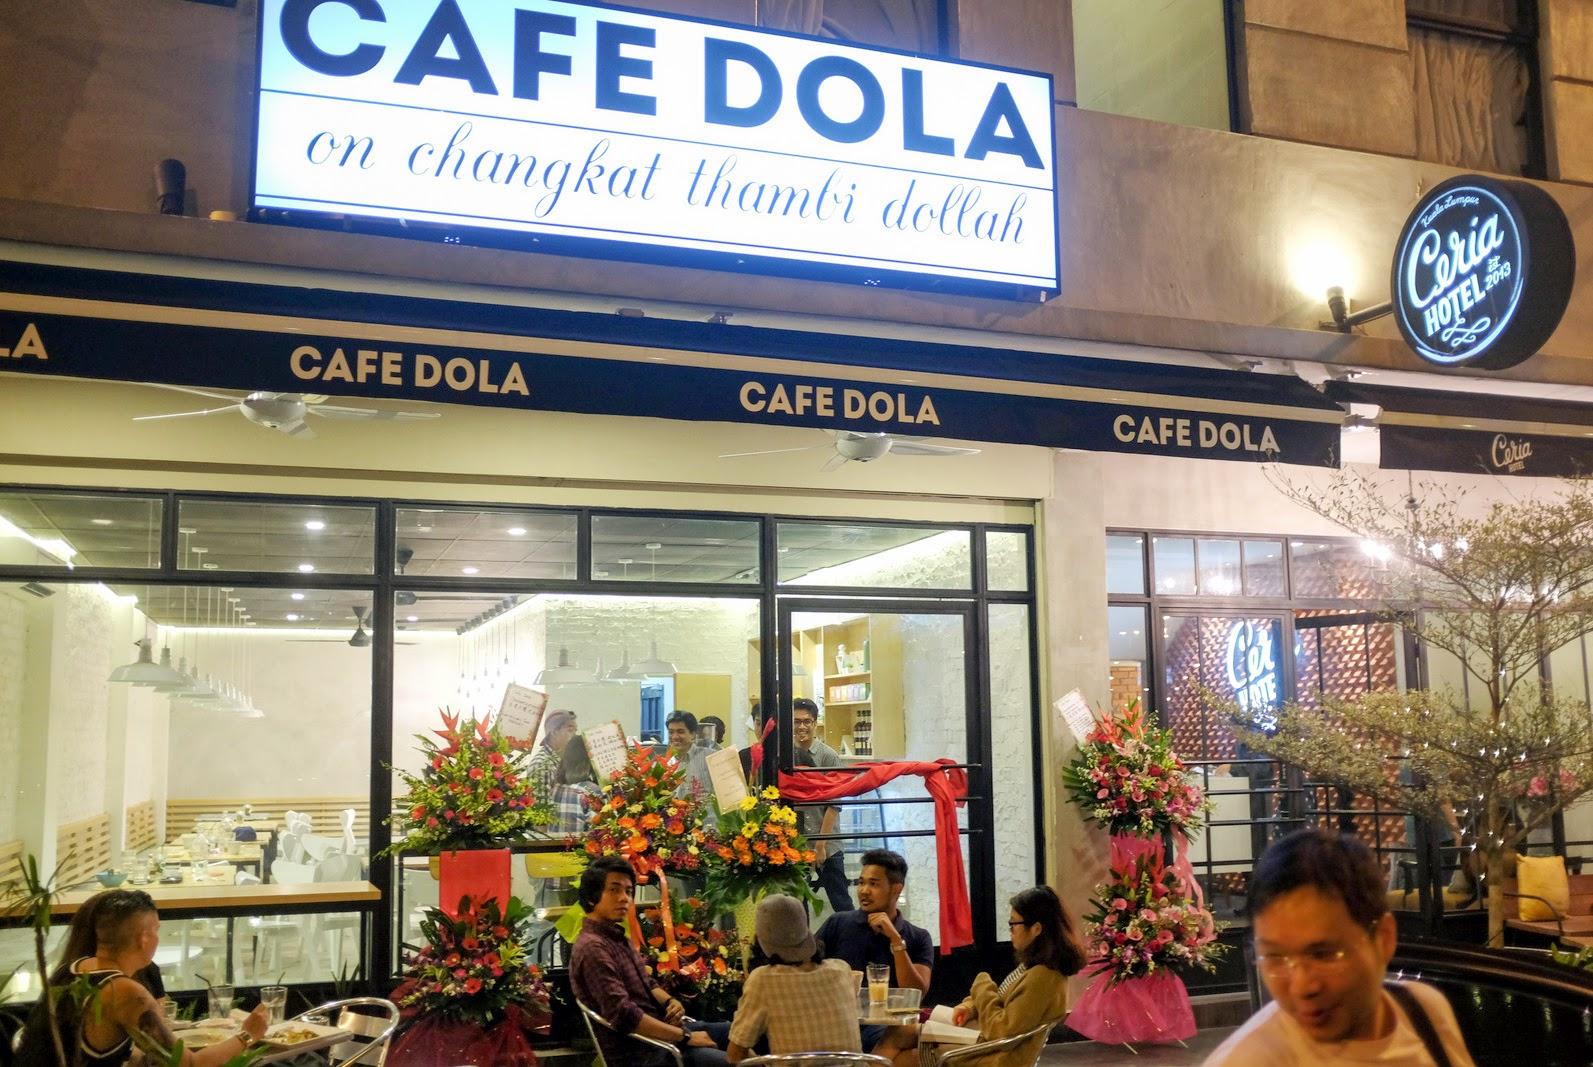 Cafe Dola @ Changkat Thambi Dollah